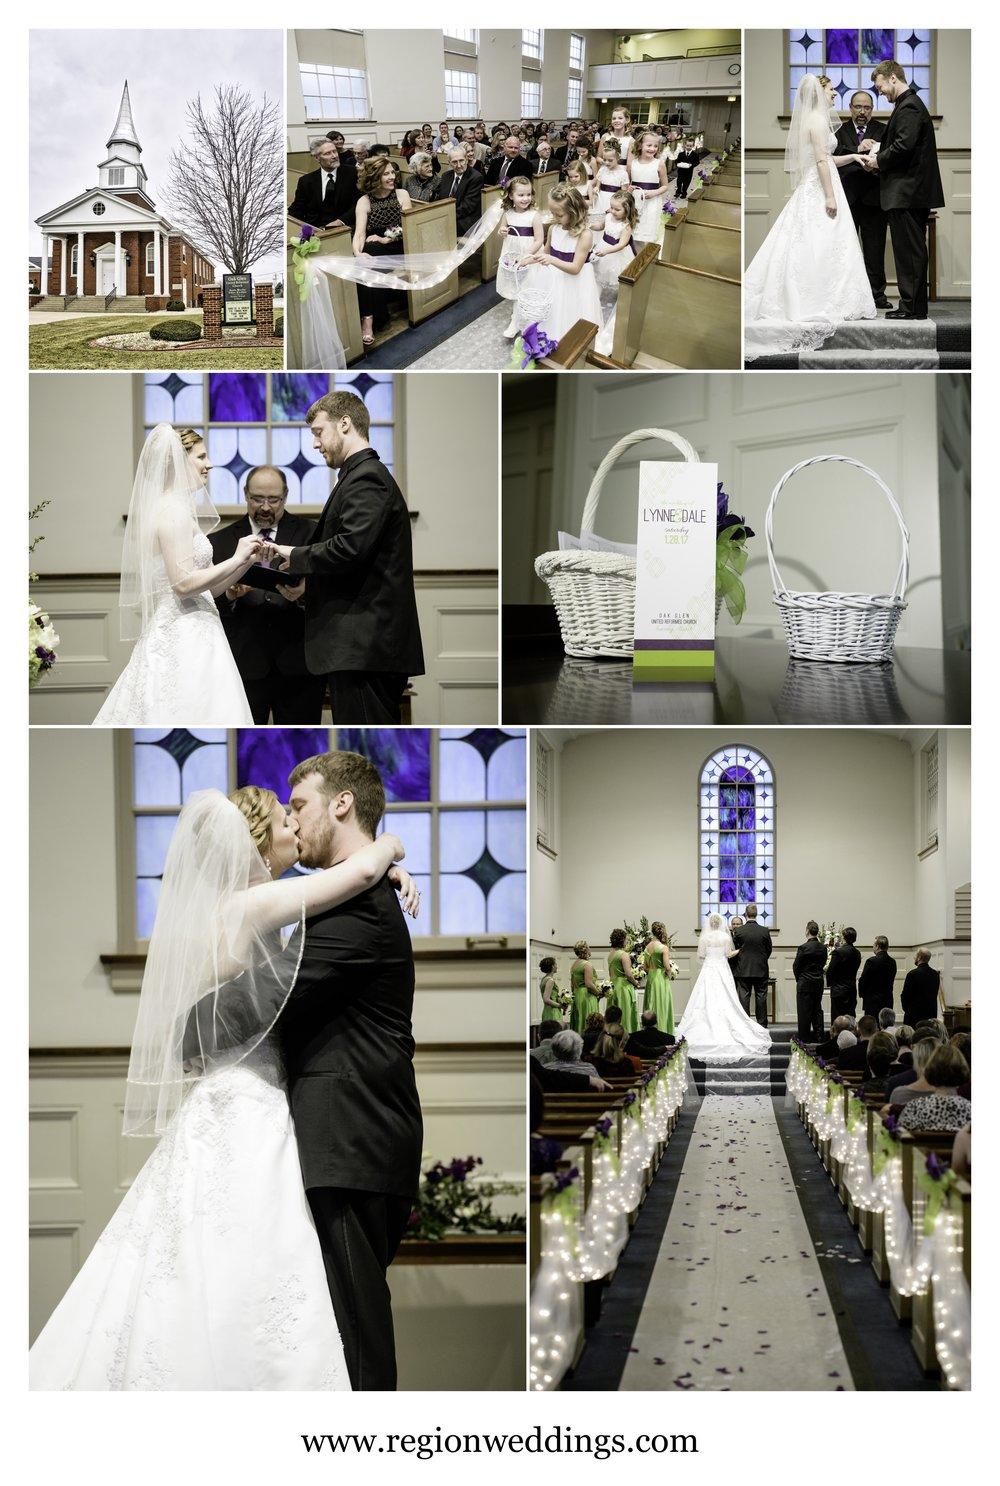 Wedding ceremony at Oak Glen United Reformed Church.